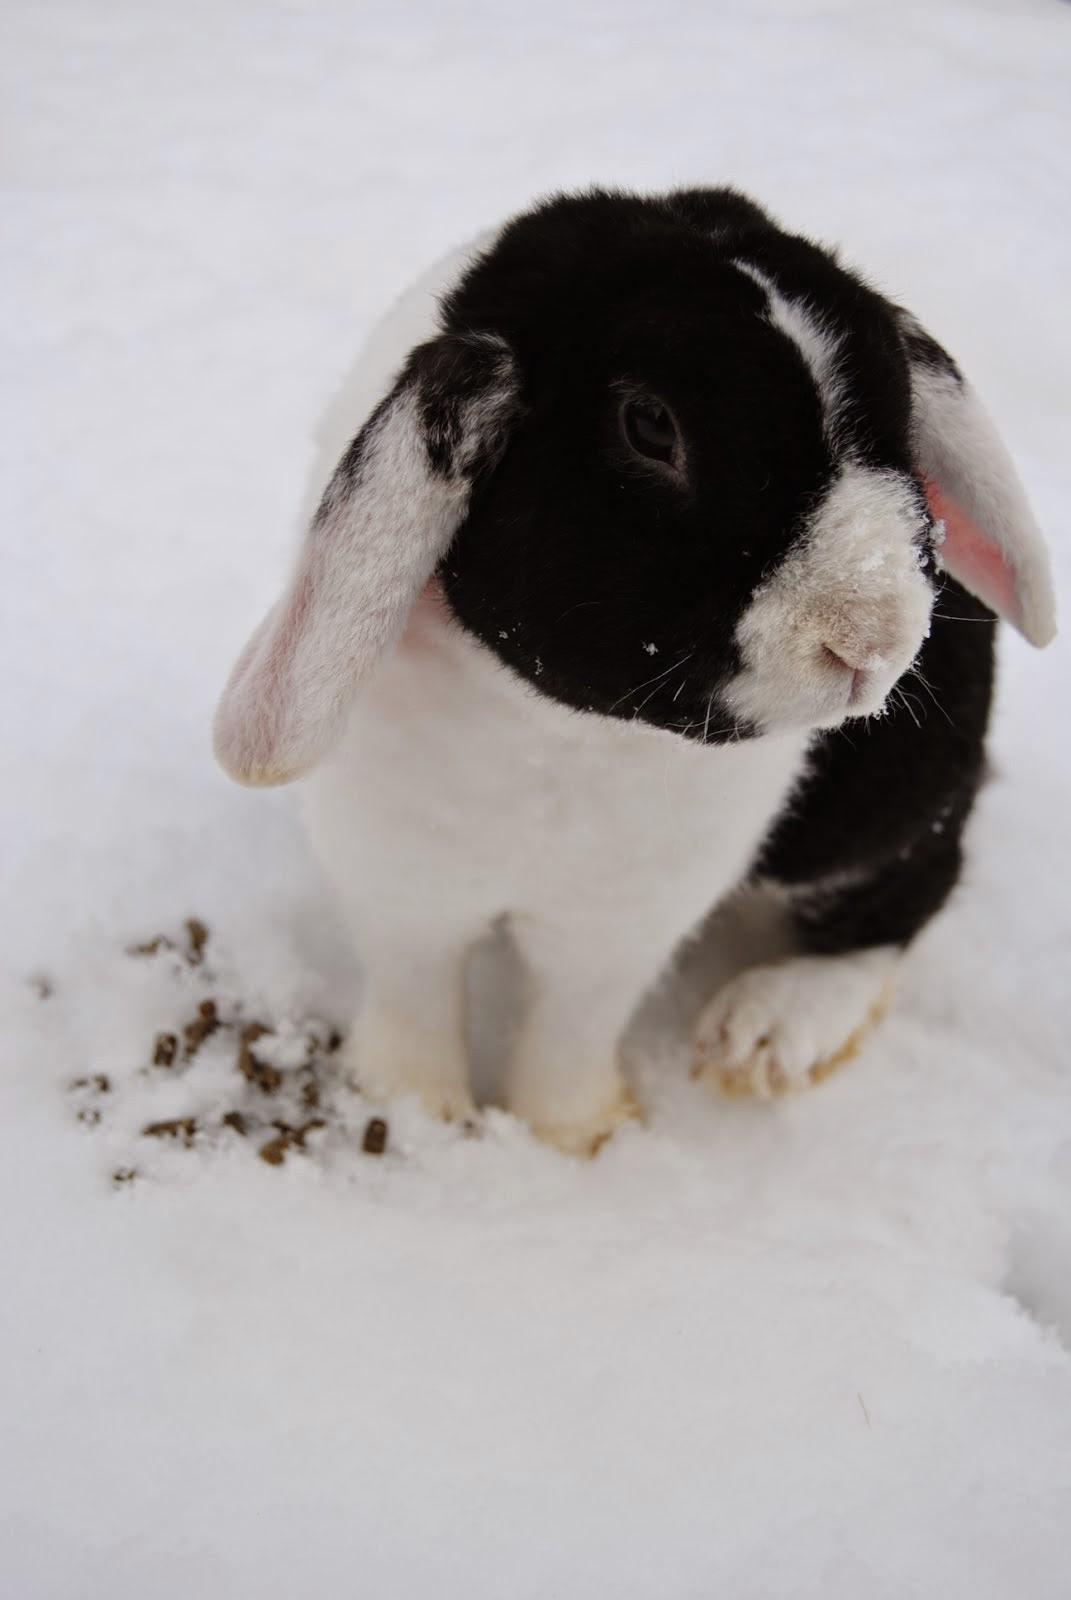 Klicka på bilden så kommer du till min kaninblogg